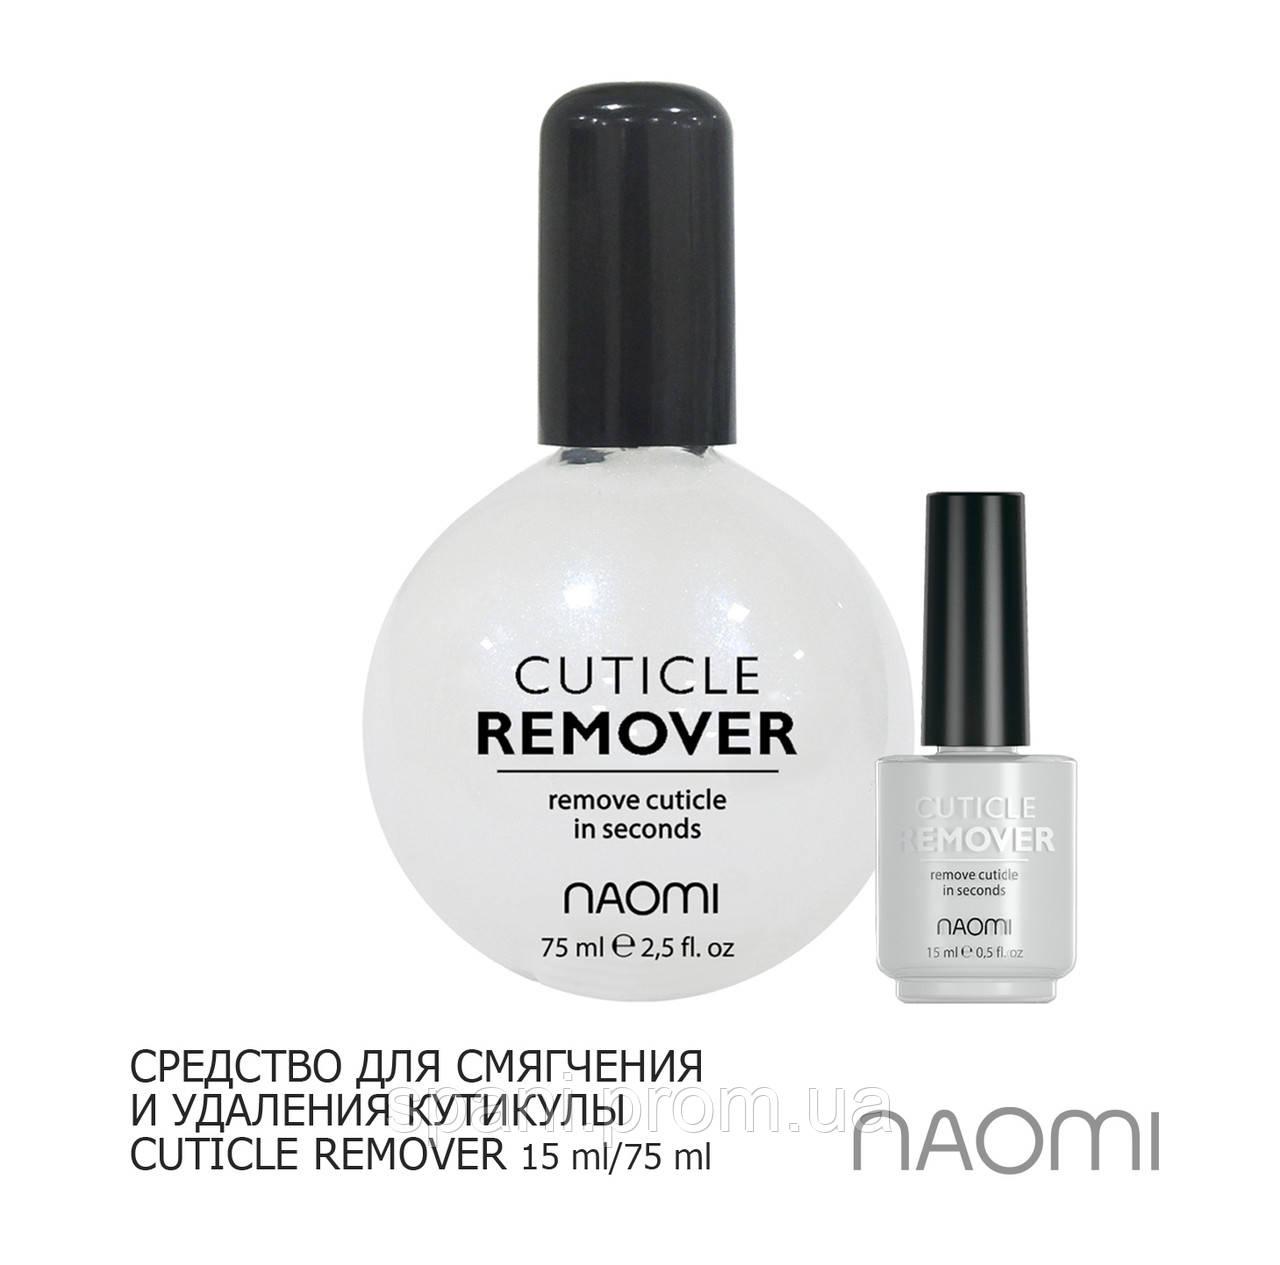 Naomi Cuticle Remover Средство для смягчения и удаления кутикулы, 15 мл.